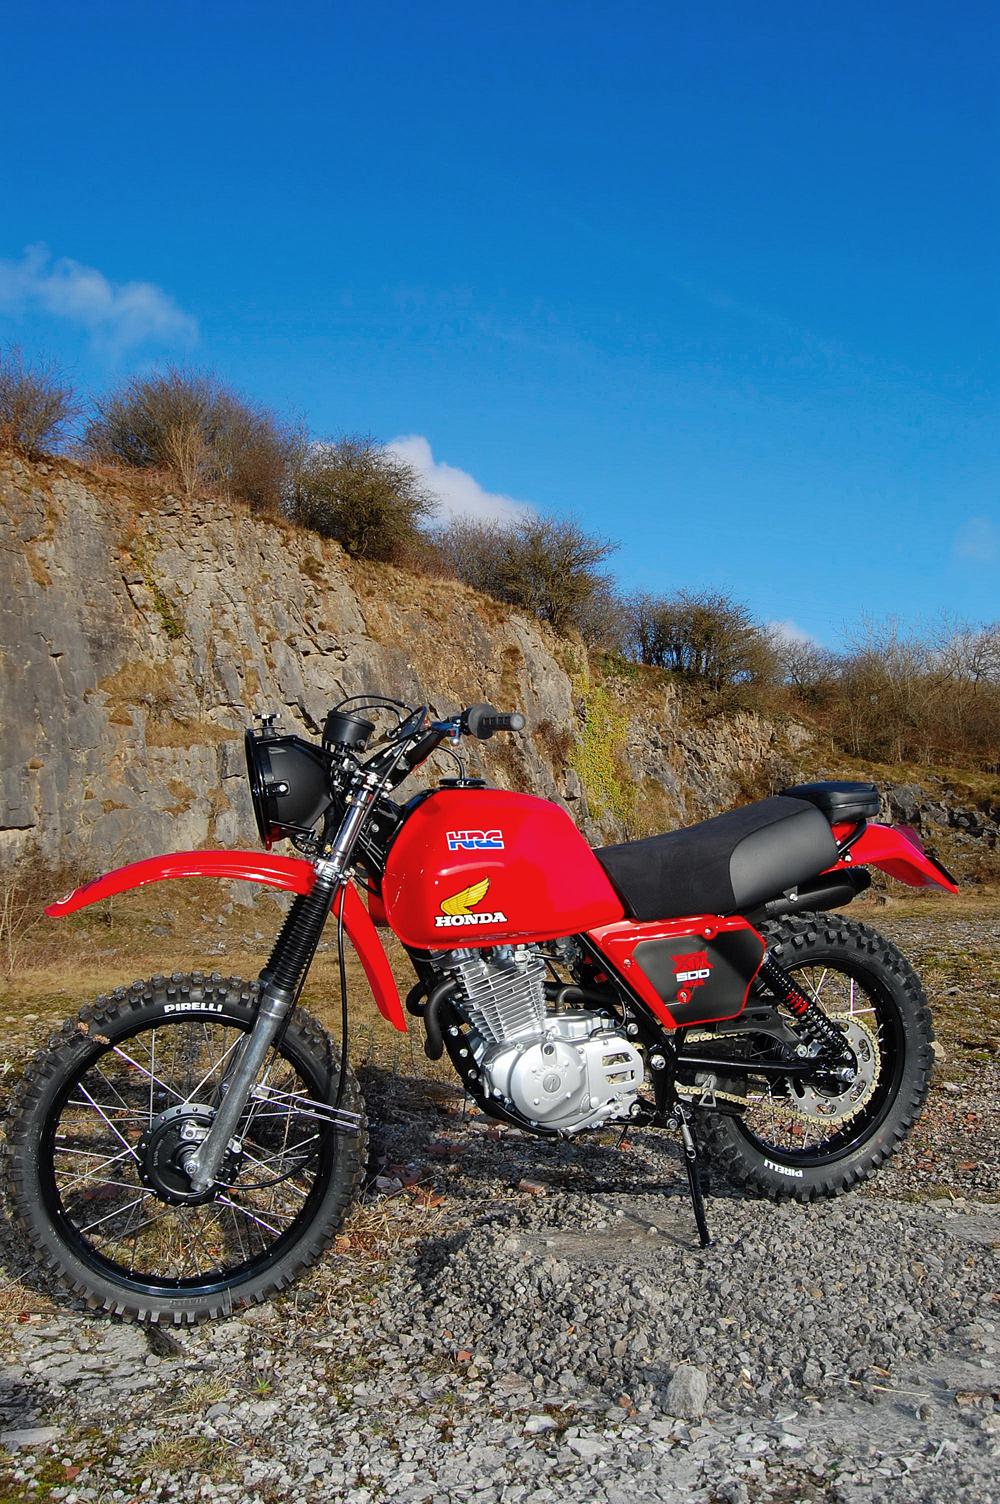 Honda XR500 Desert Racer - Pipeburn.com